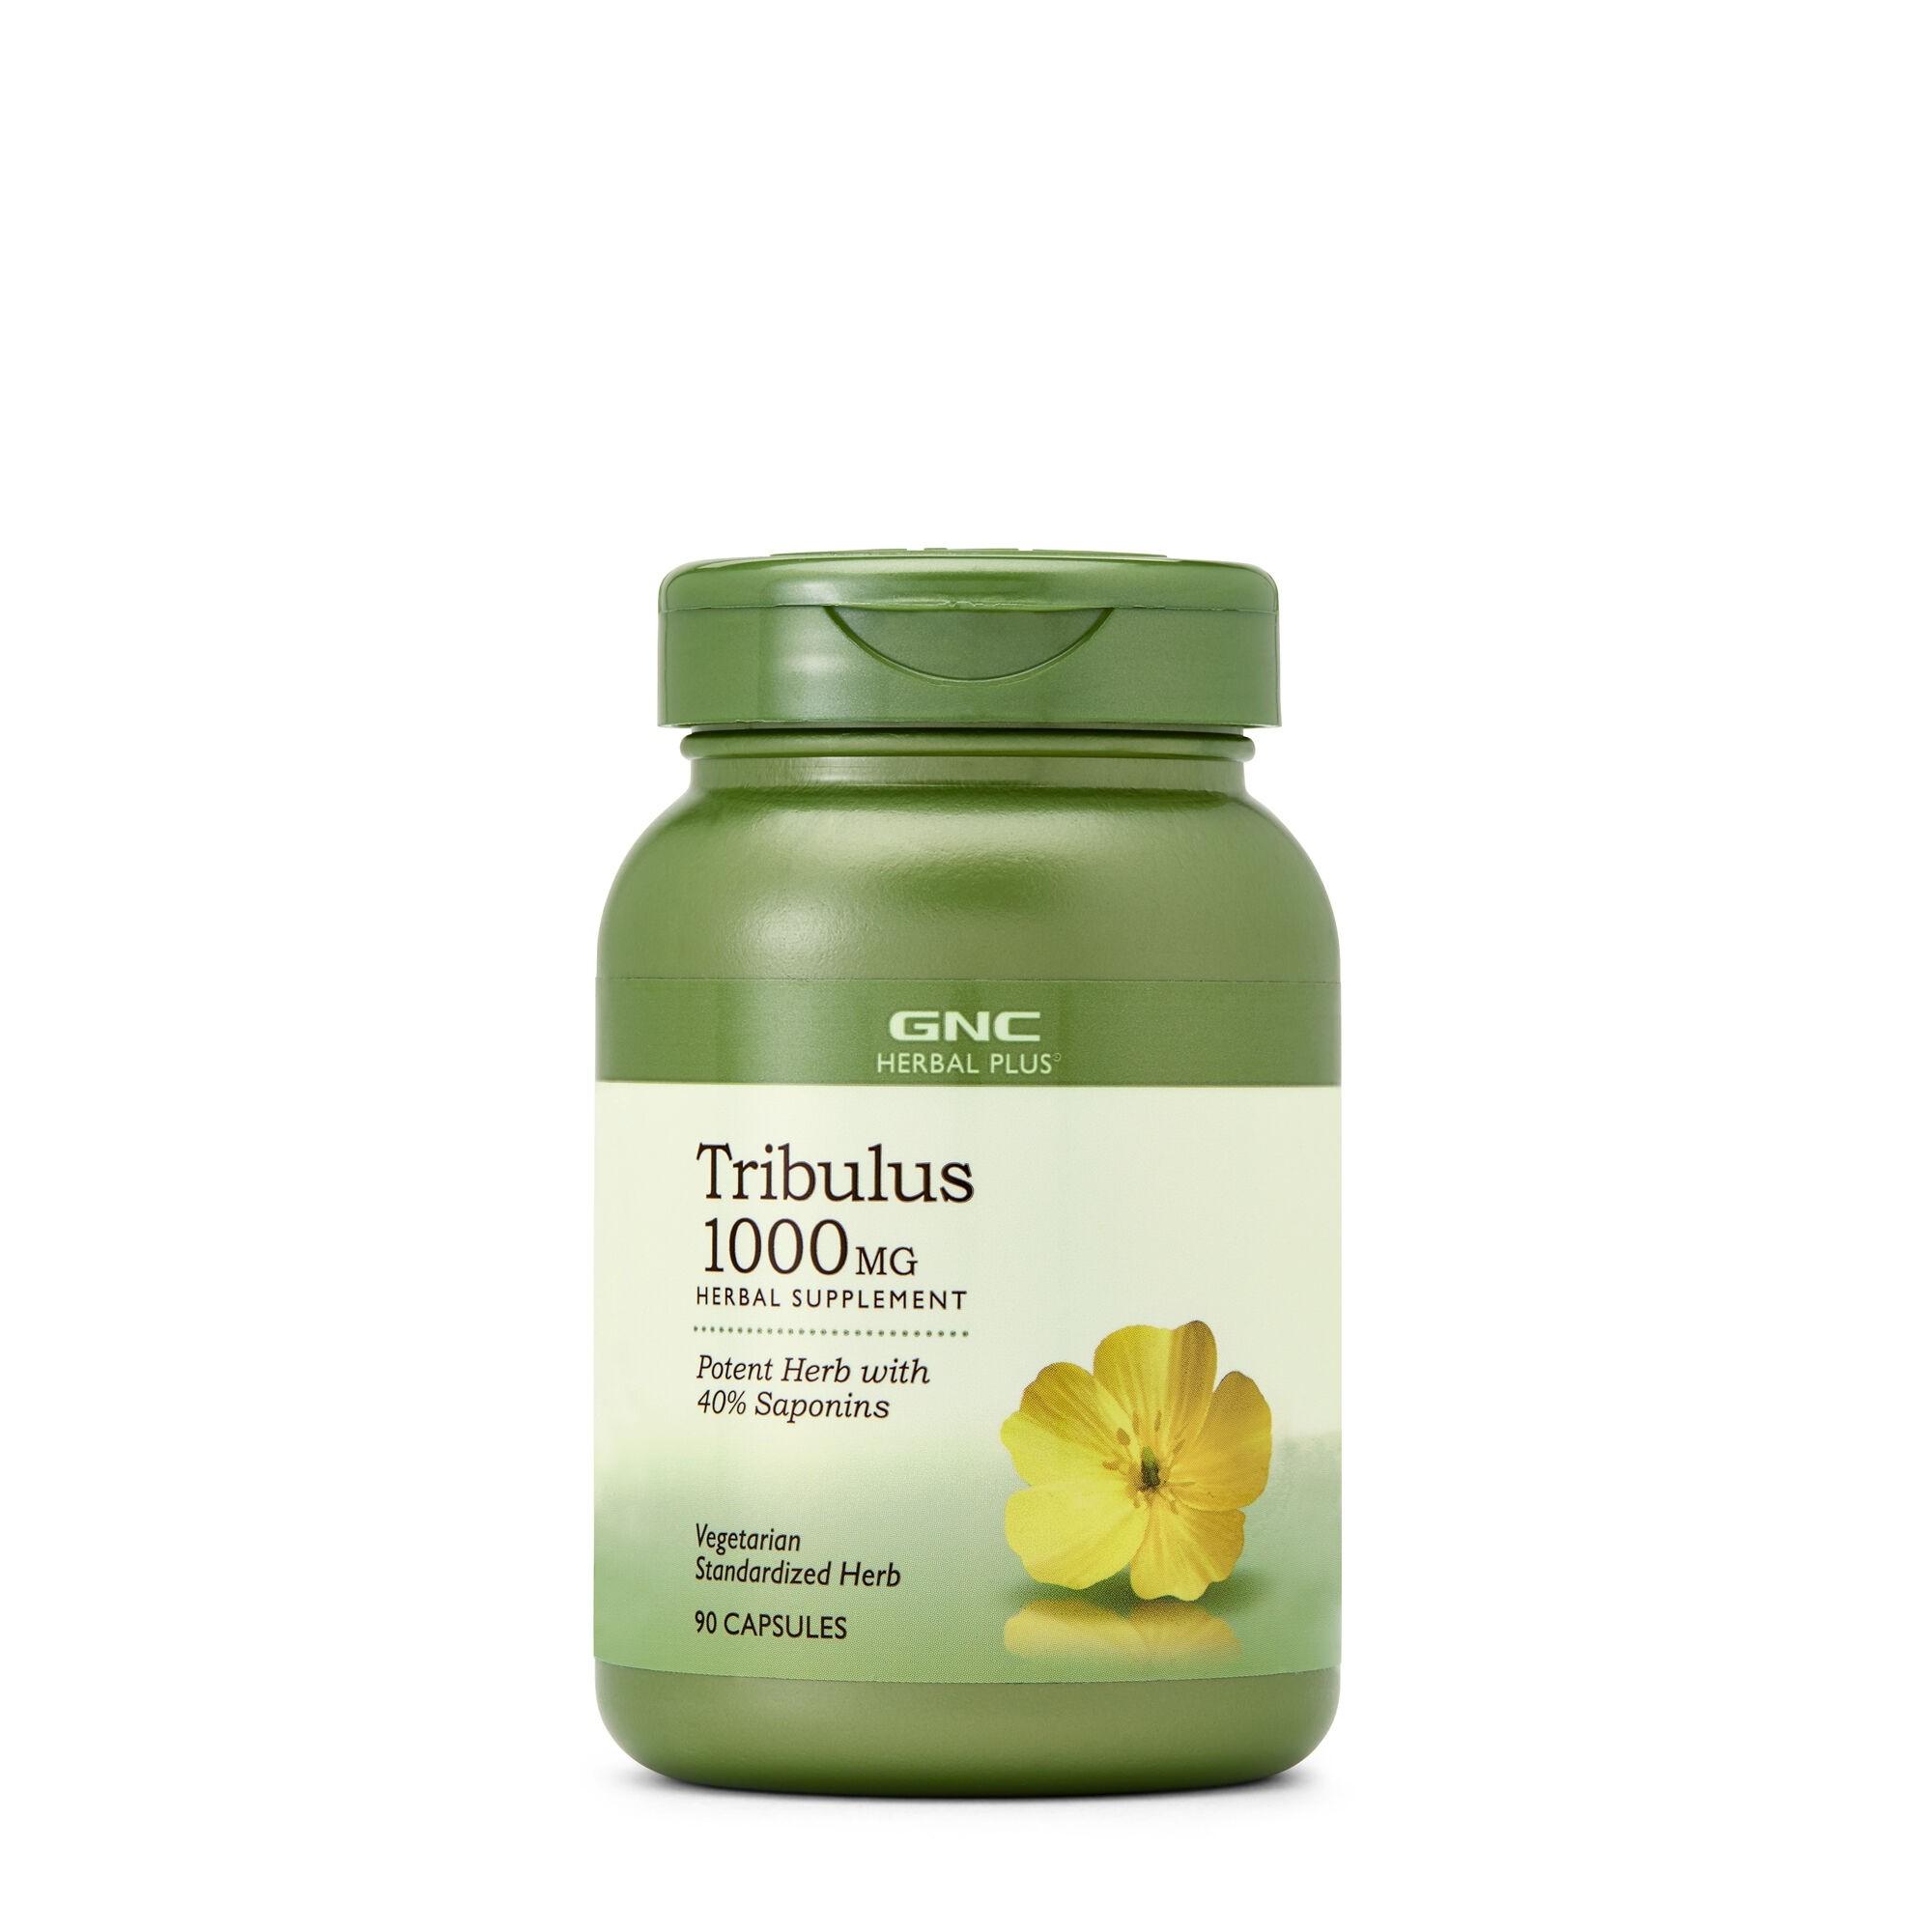 GNC Herbal Plus® Tribulus 1000 mg, 90 cps